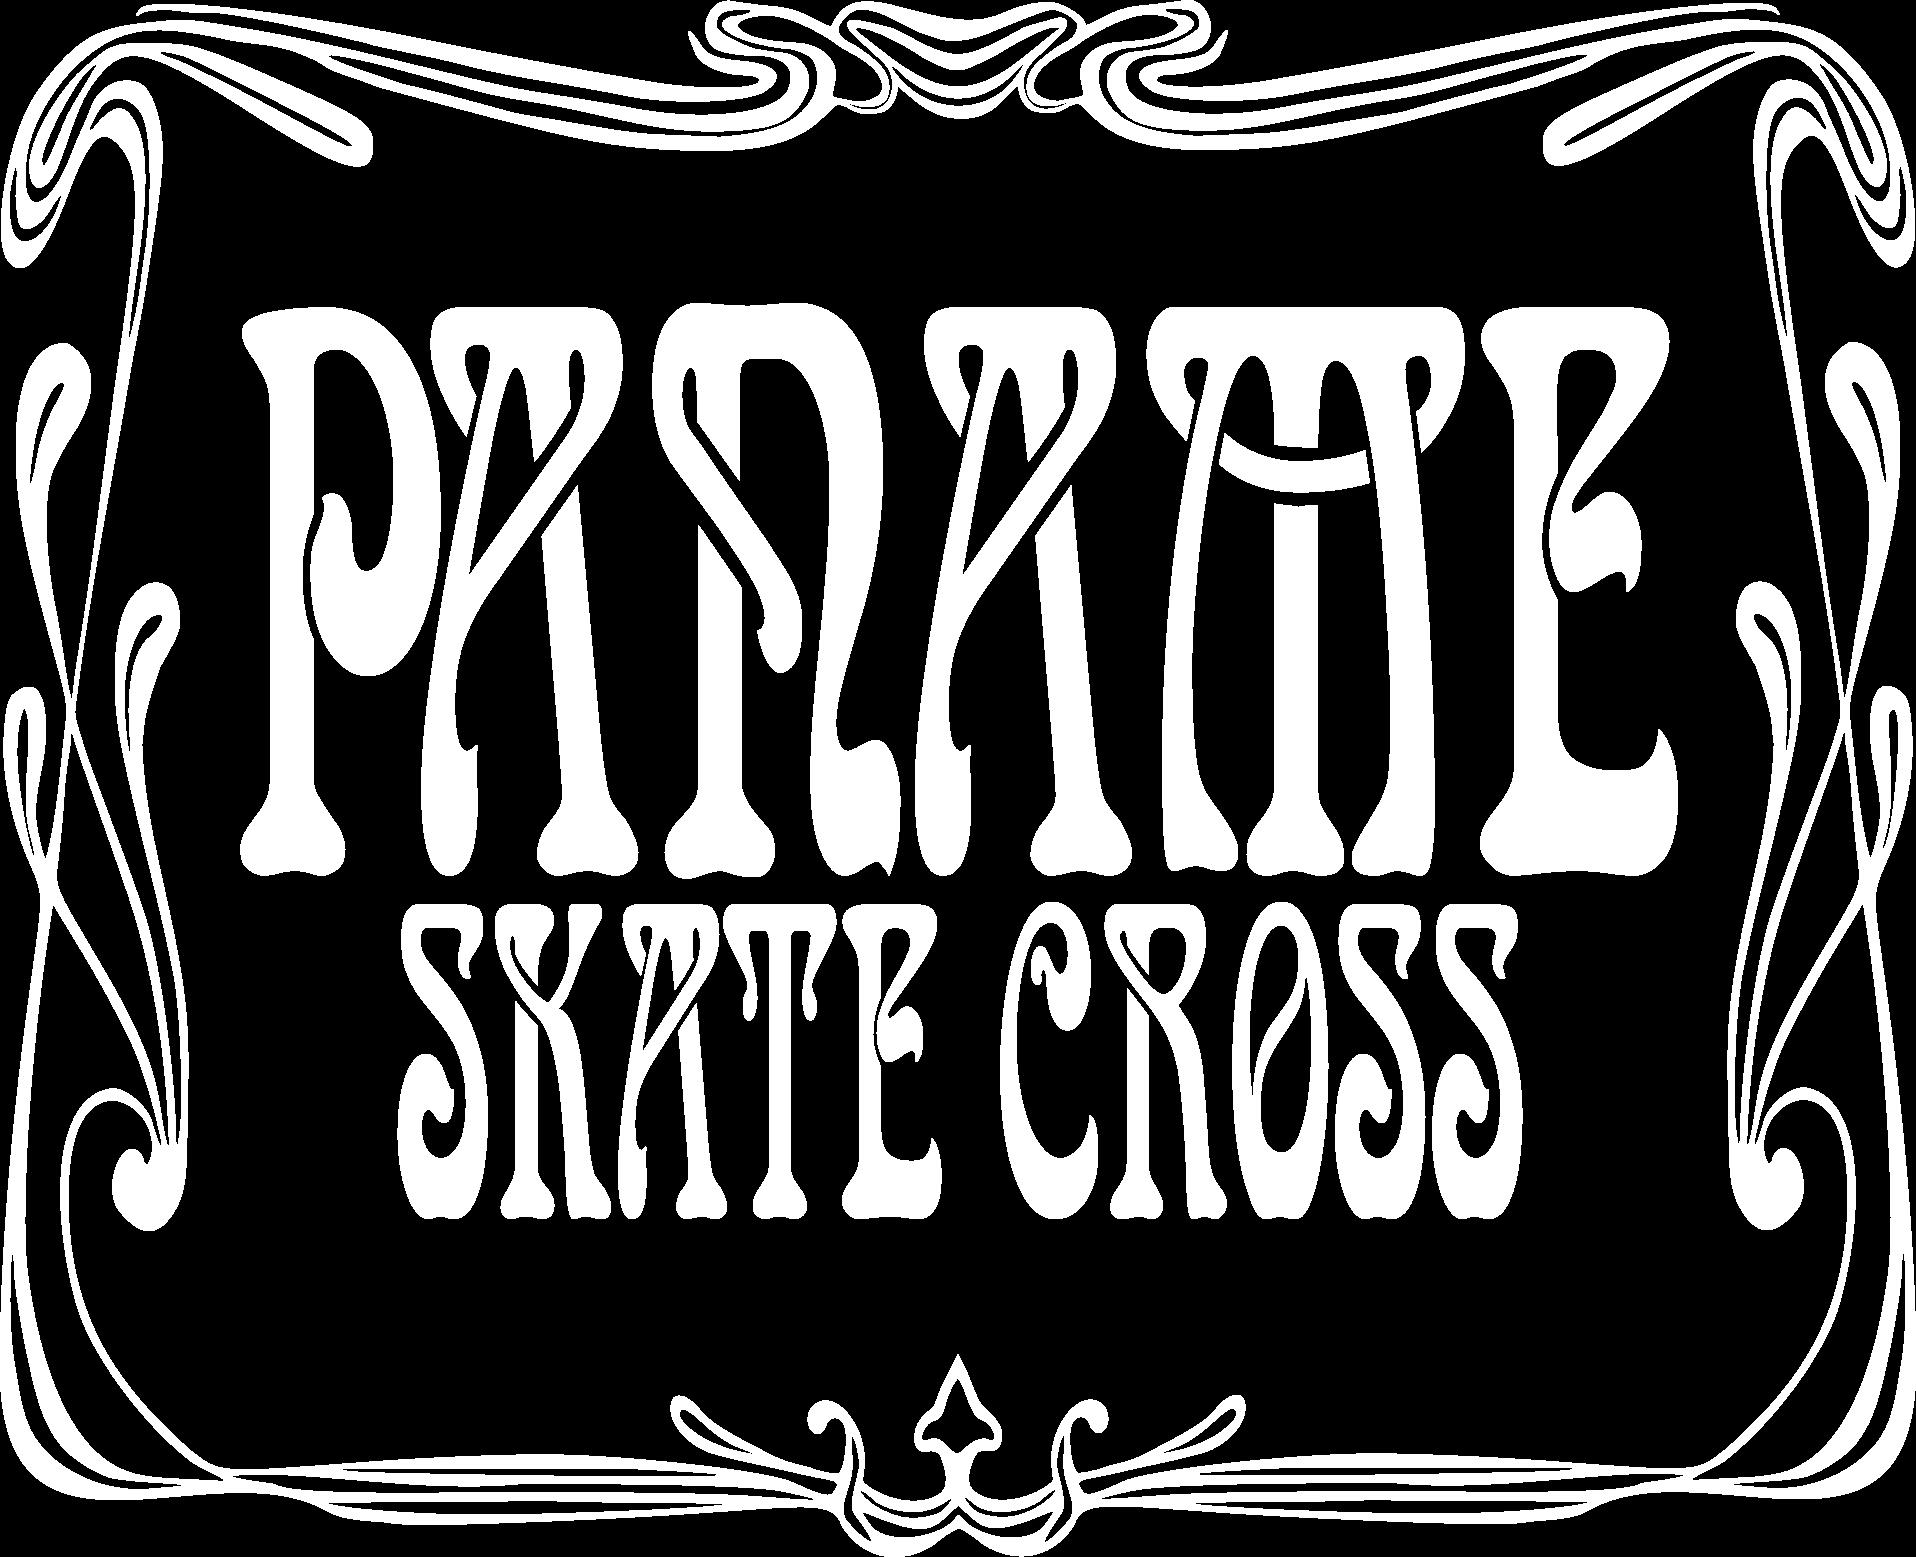 http://panameskatecross.fr